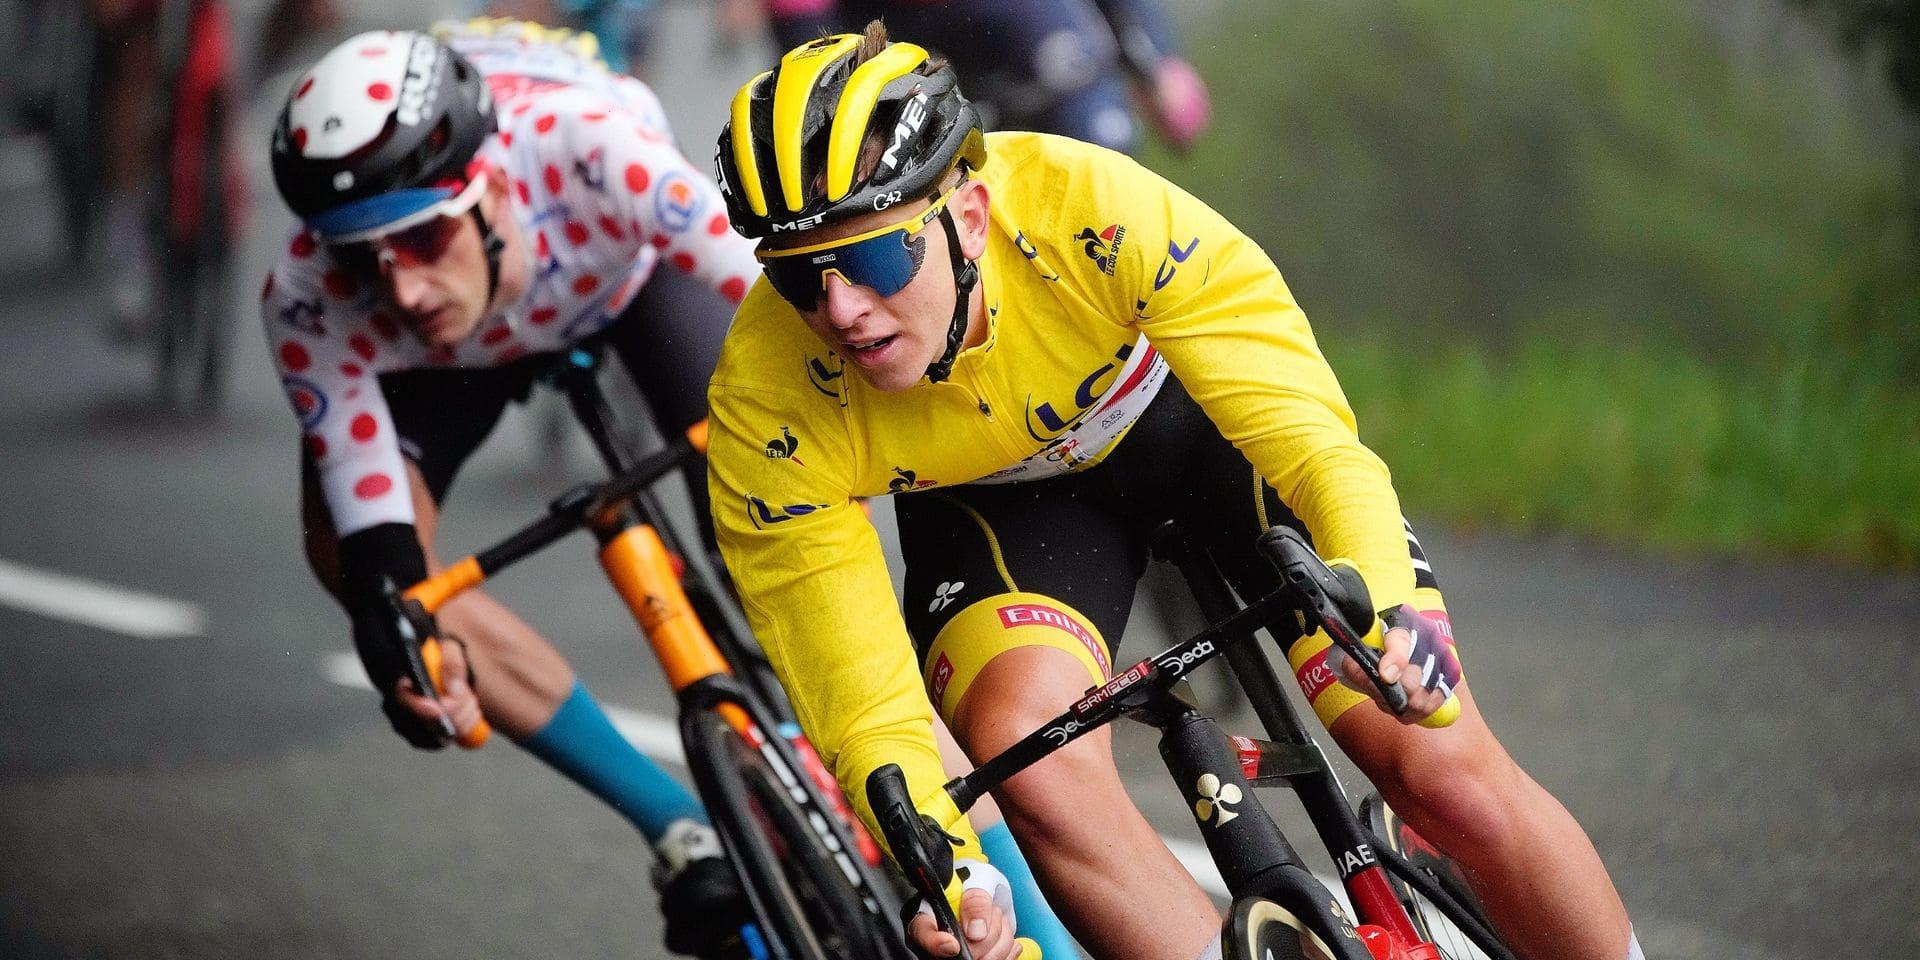 """Tadej Pogacar s'attend à une étape difficile dans les Pyrénées: """"Ce sera le jour le plus dur du Tour"""""""